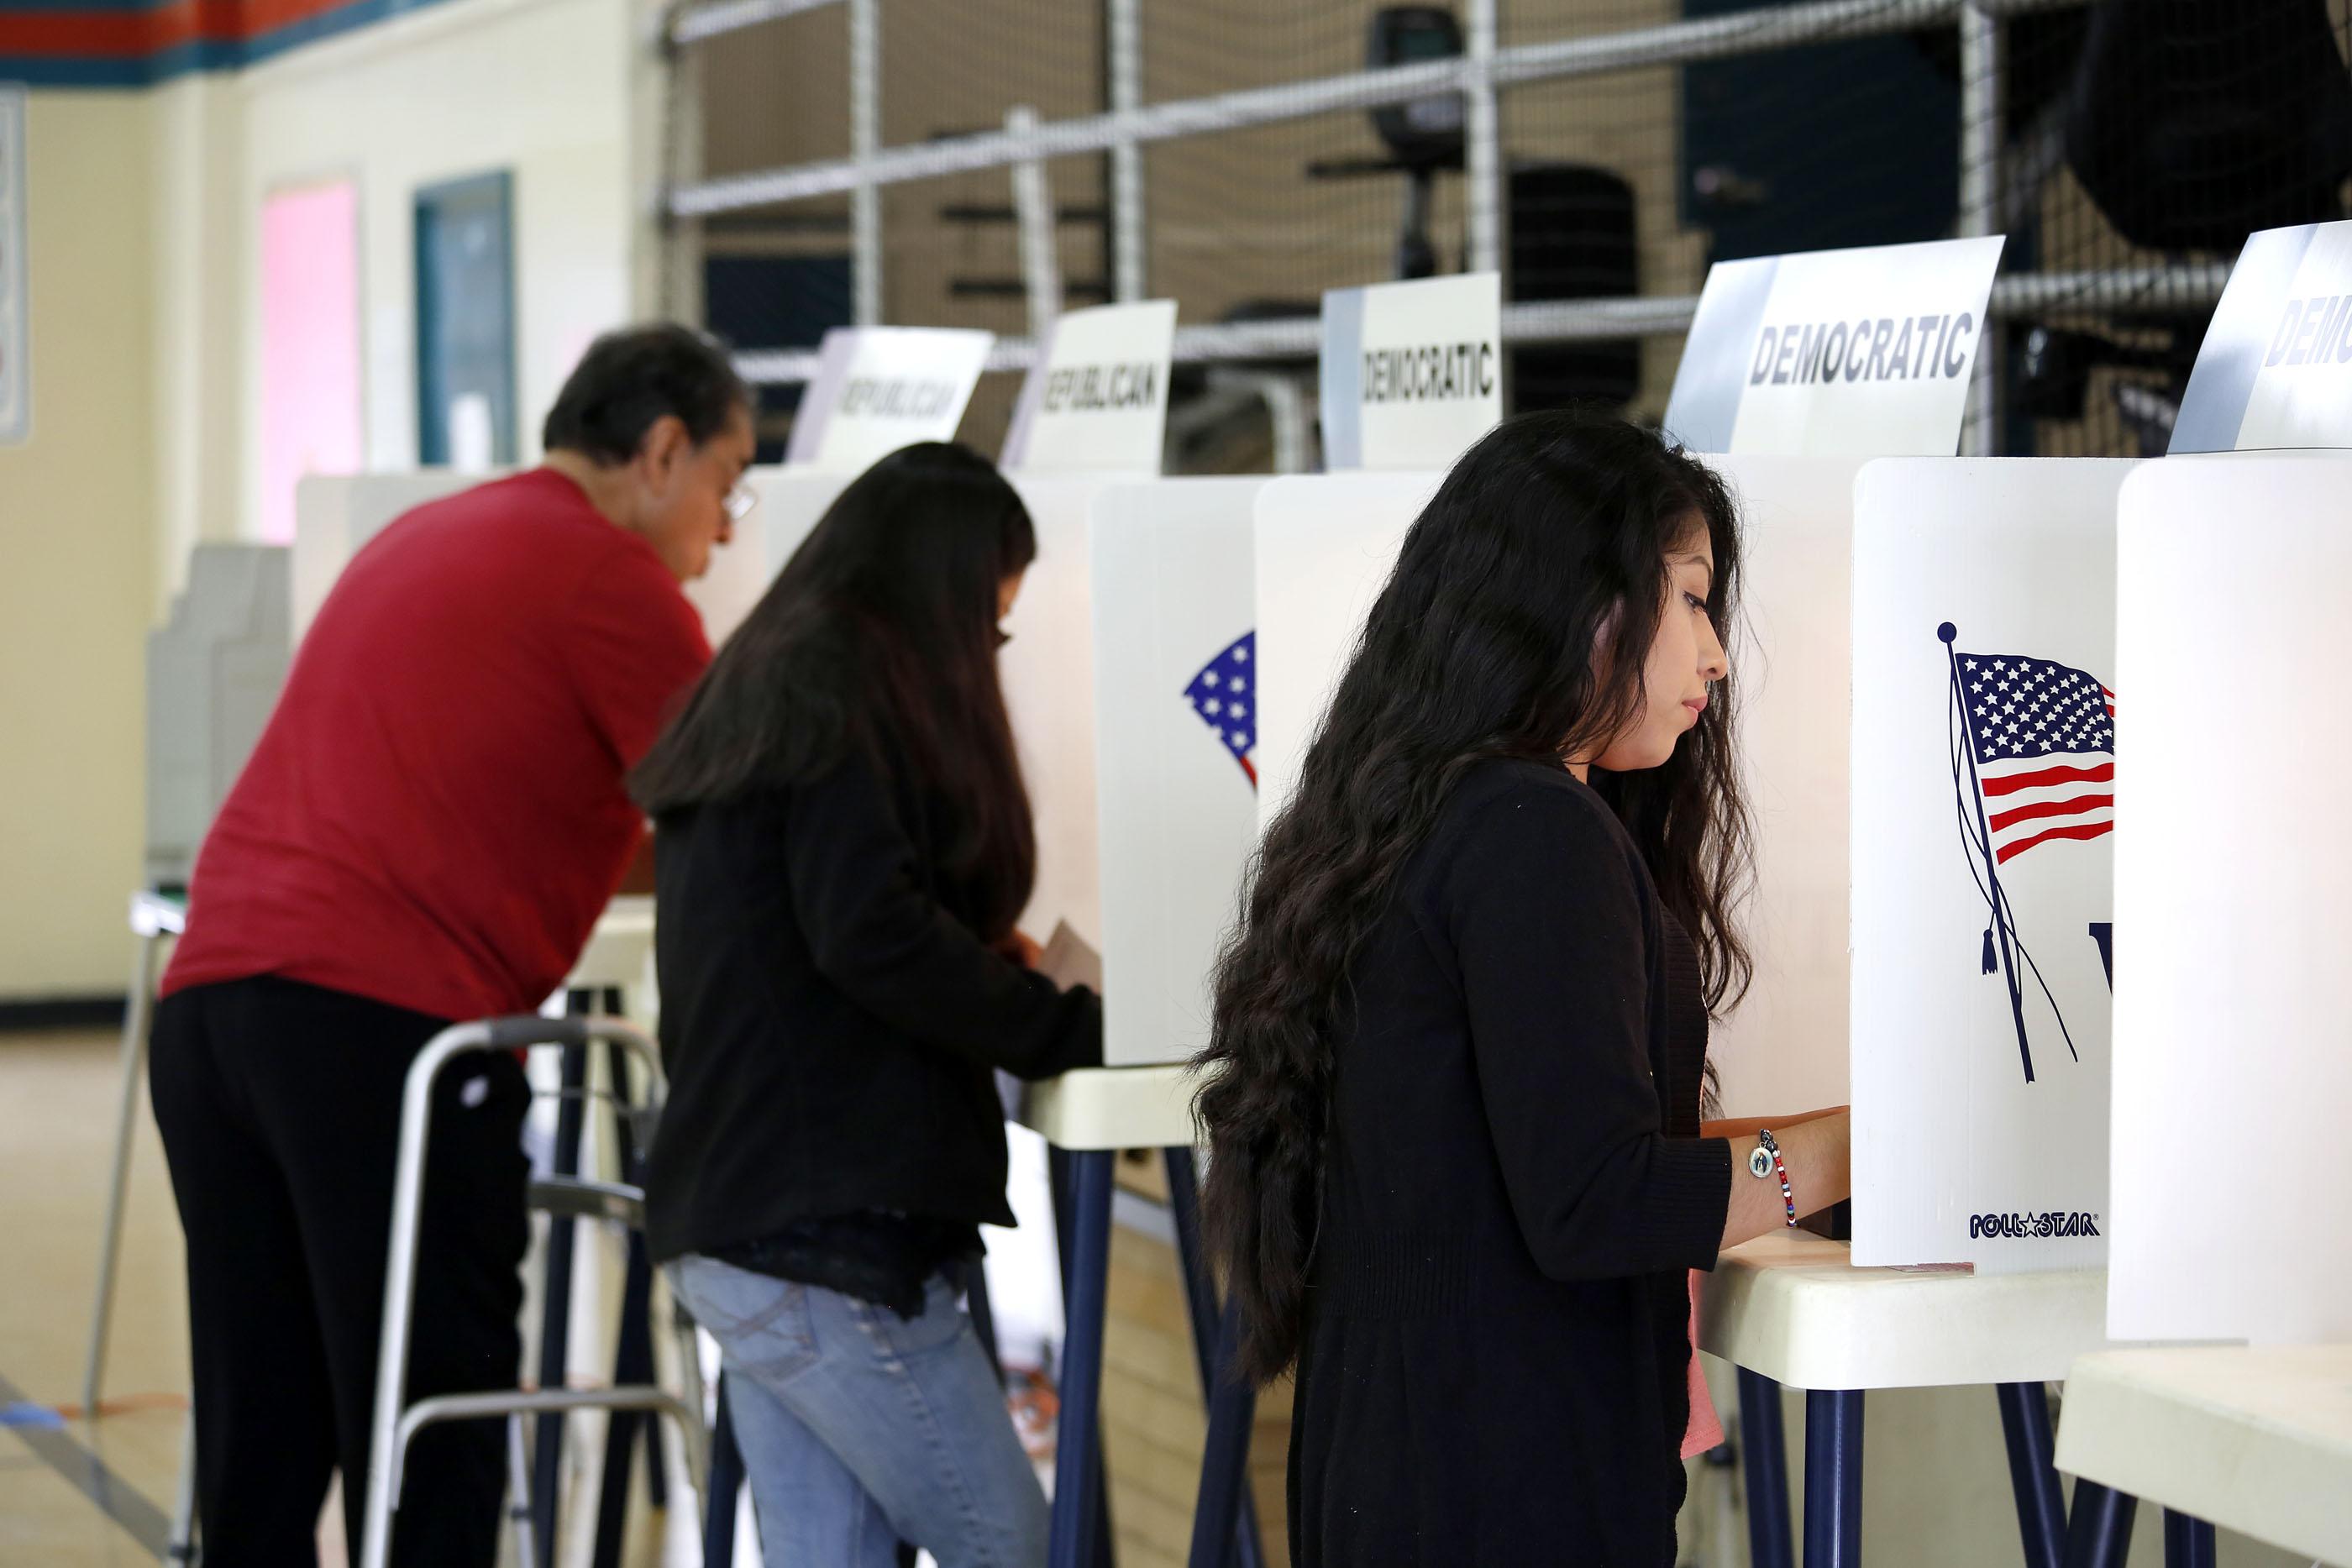 Muchos latinos dijeron que estaban motivados para votar debido a los mensajes racistas de Donald Trump. (Aurelia Ventura/ La Opinion)